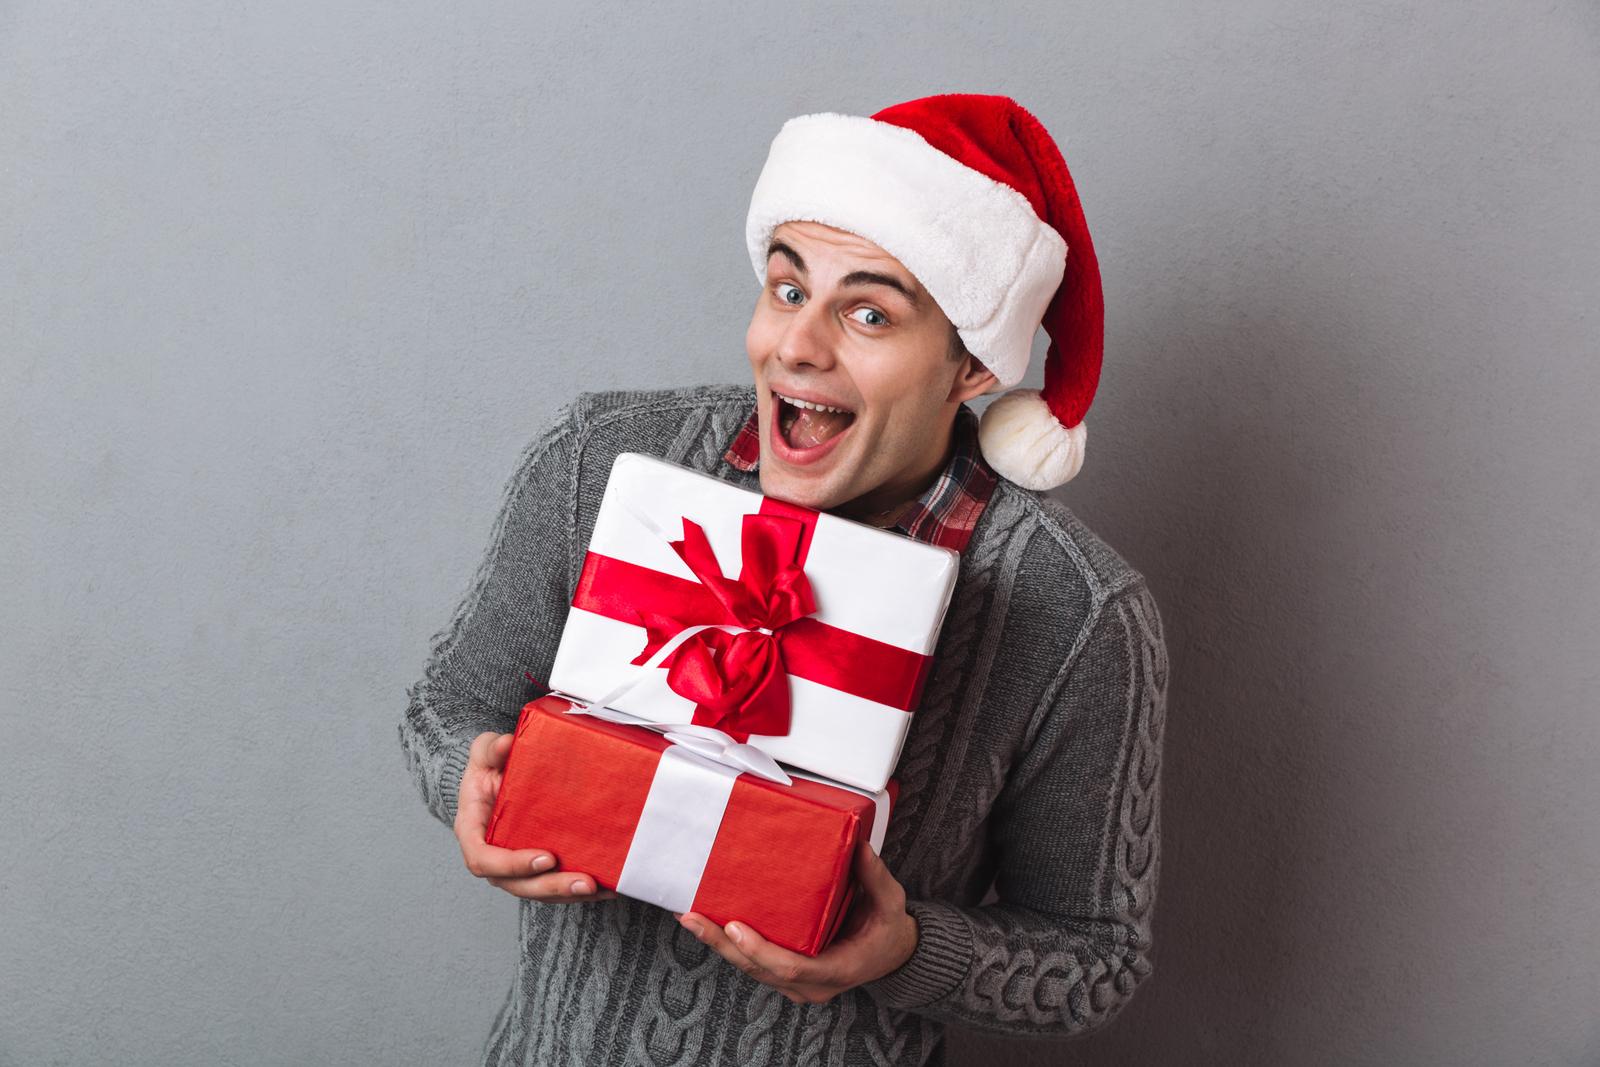 Jak vybrat dárek pro muže, aby se líbil?